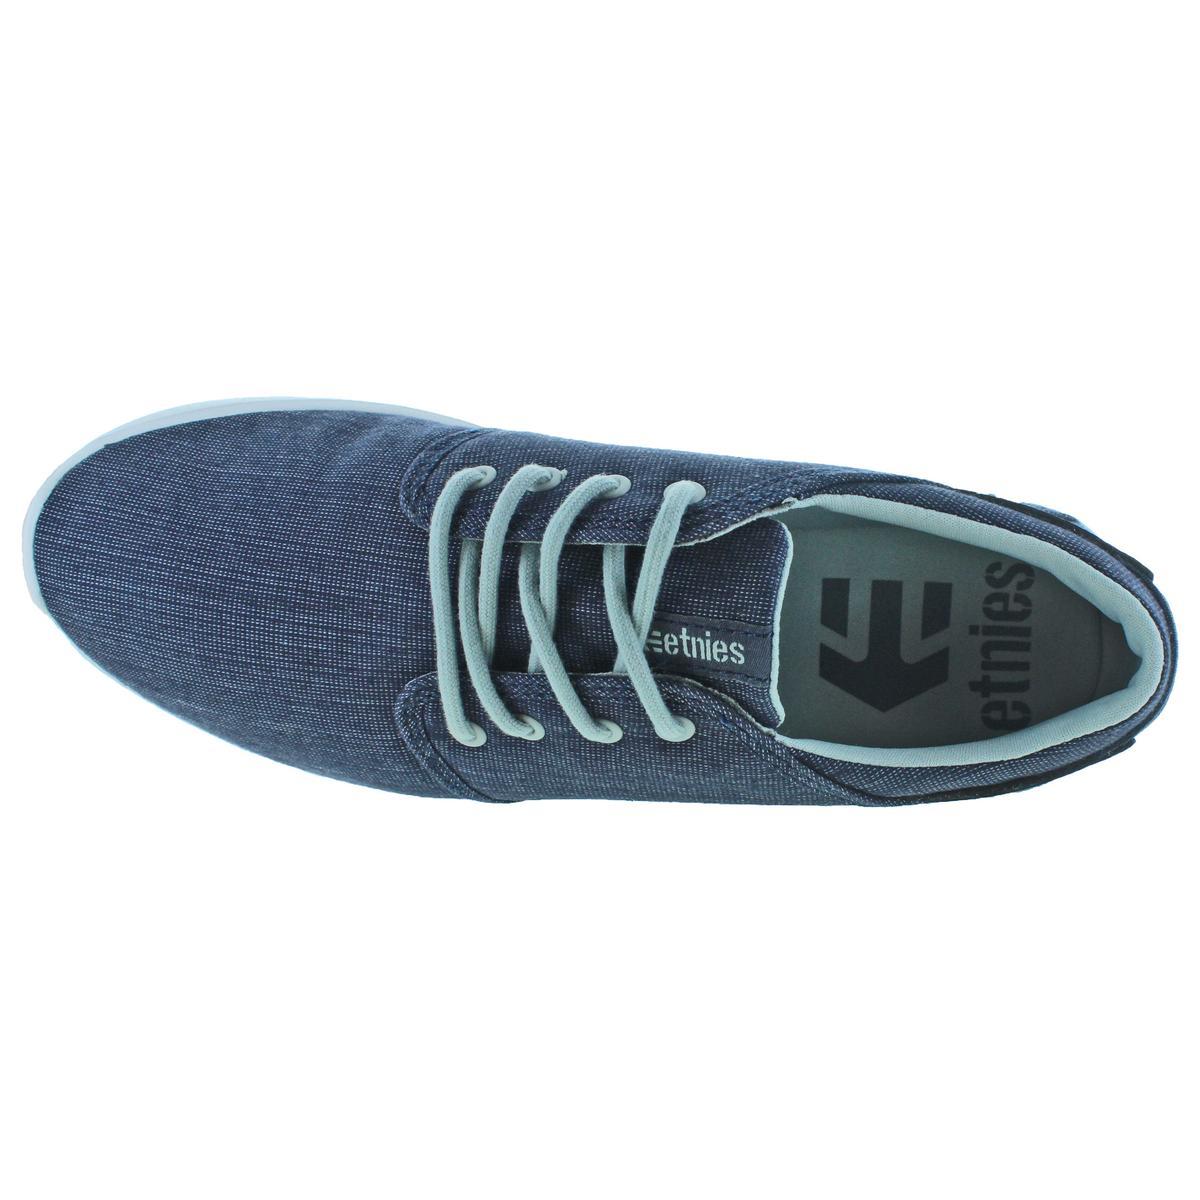 Etnies-Scout-Hommes-Leger-Athletique-Baskets-Chaussures miniature 11